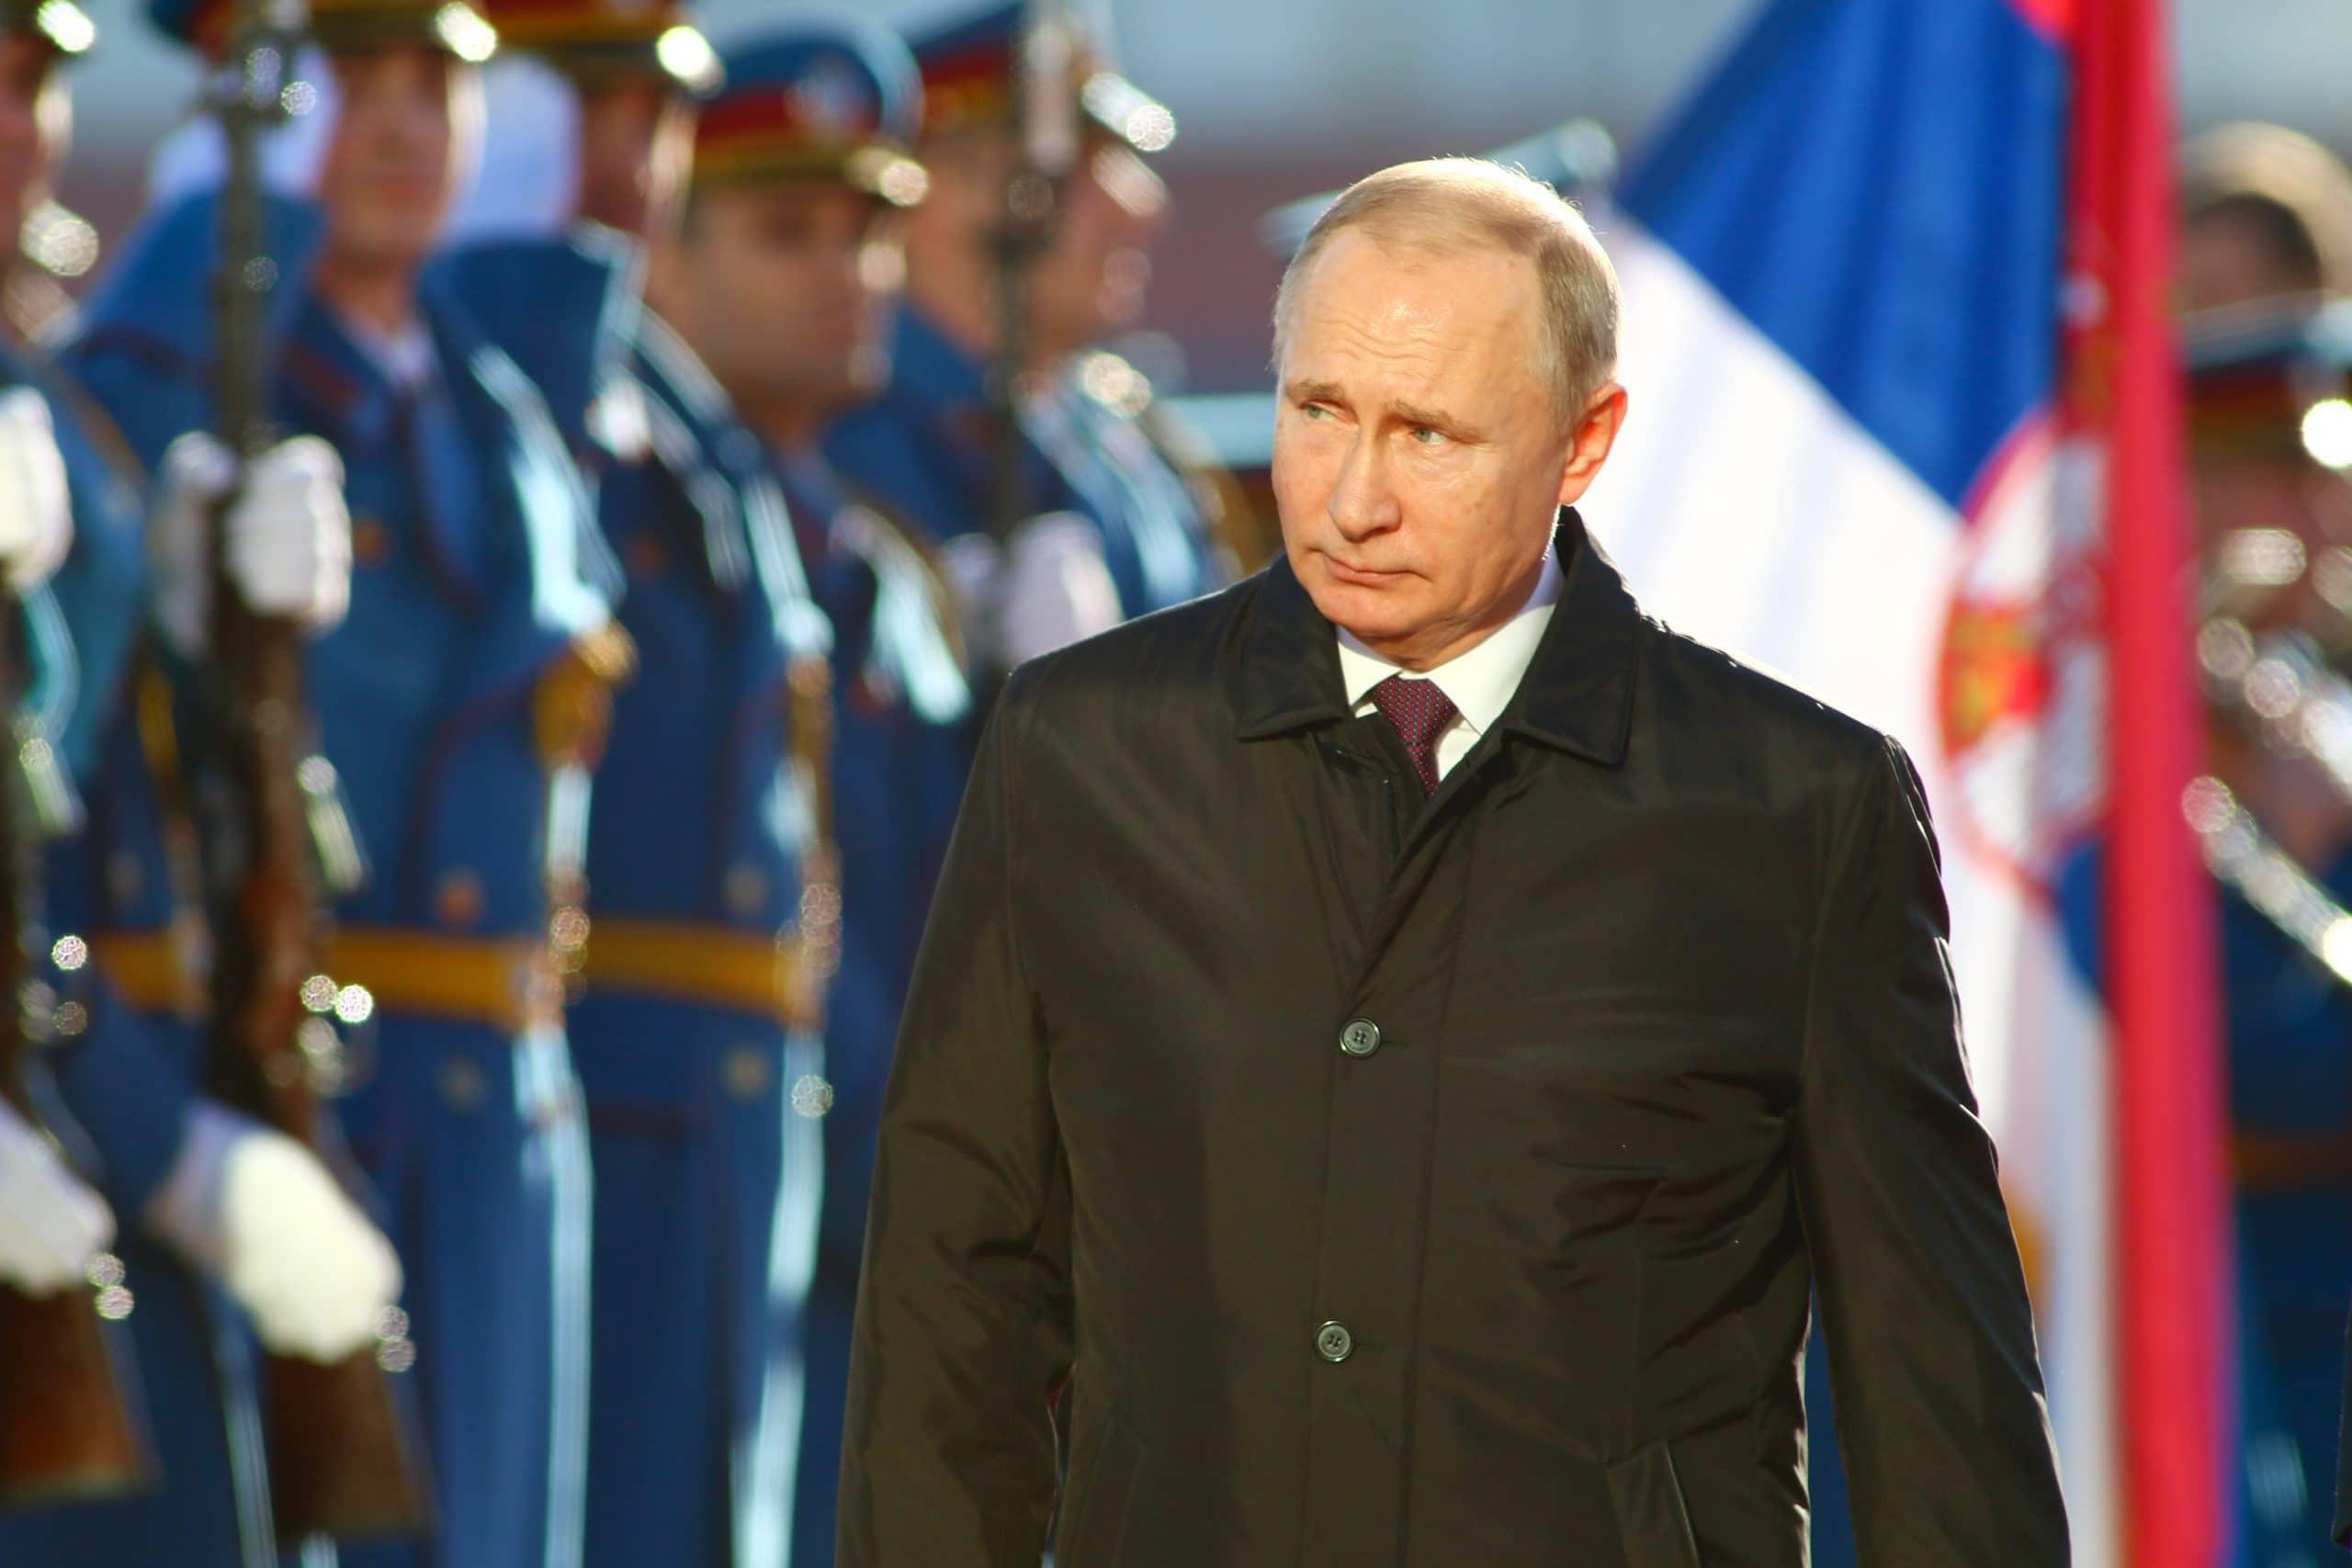 Der russische Präsident Vladimir Putin bei einem Militärempfang in Belgrad